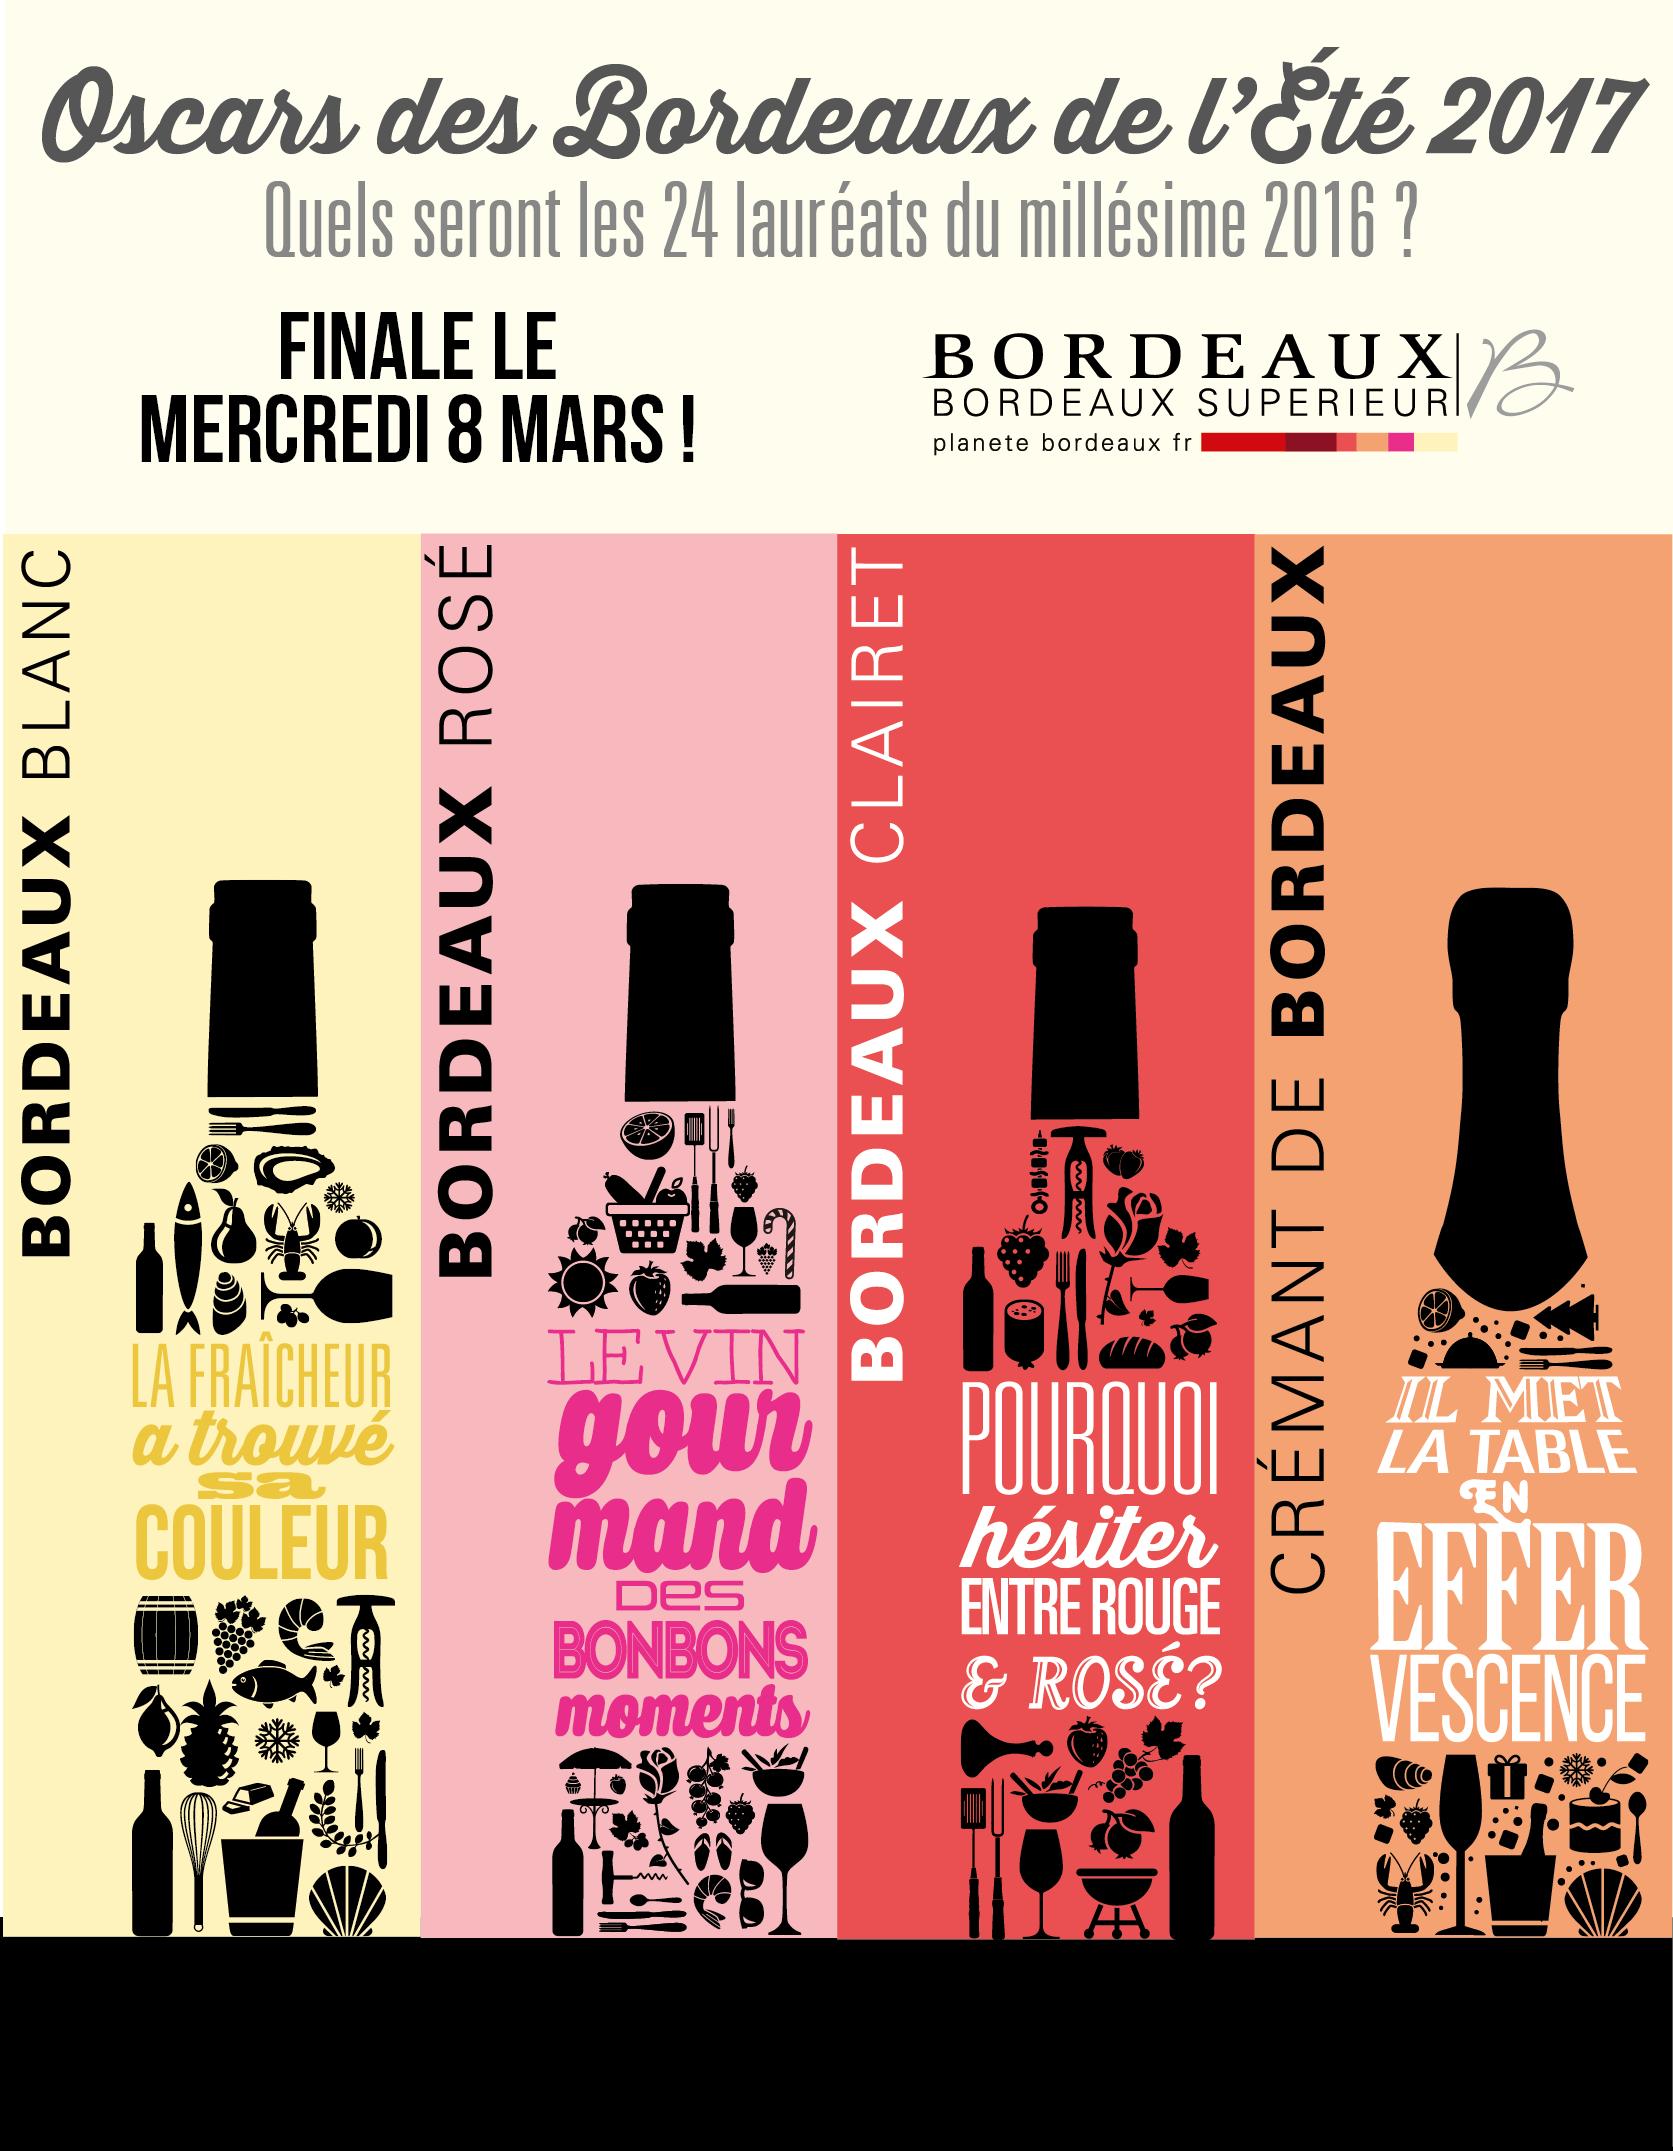 Oscars des Bordeaux de l'Été 2017